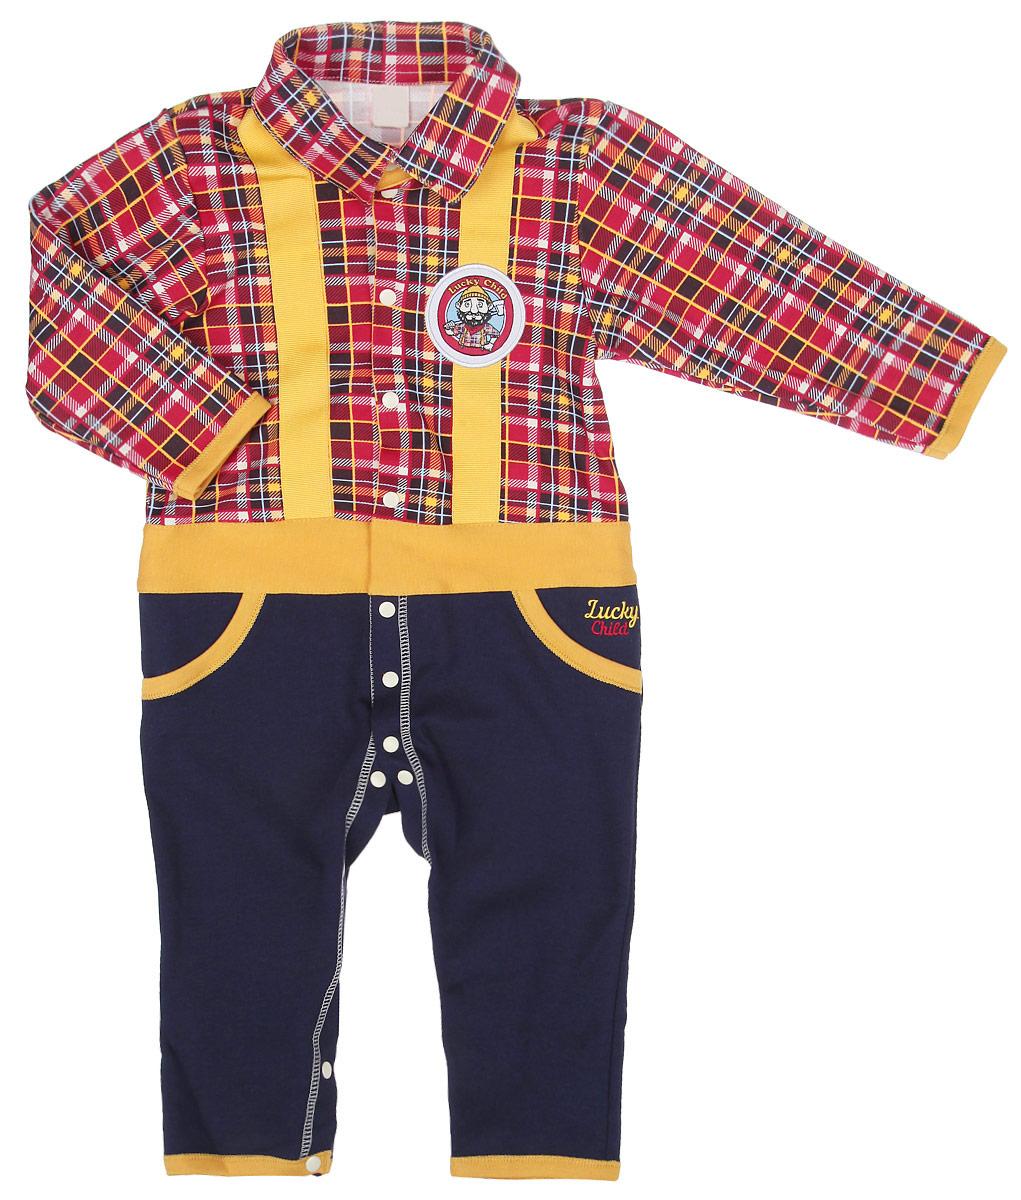 Комбинезон для мальчика Lucky Child Мужички, цвет: красный, желтый, темно-синий. 27-1. Размер 80/86, 12-18 месяцев пижама для девочки lucky child цвет кремовый желтый оранжевый 12 402 размер 80 86